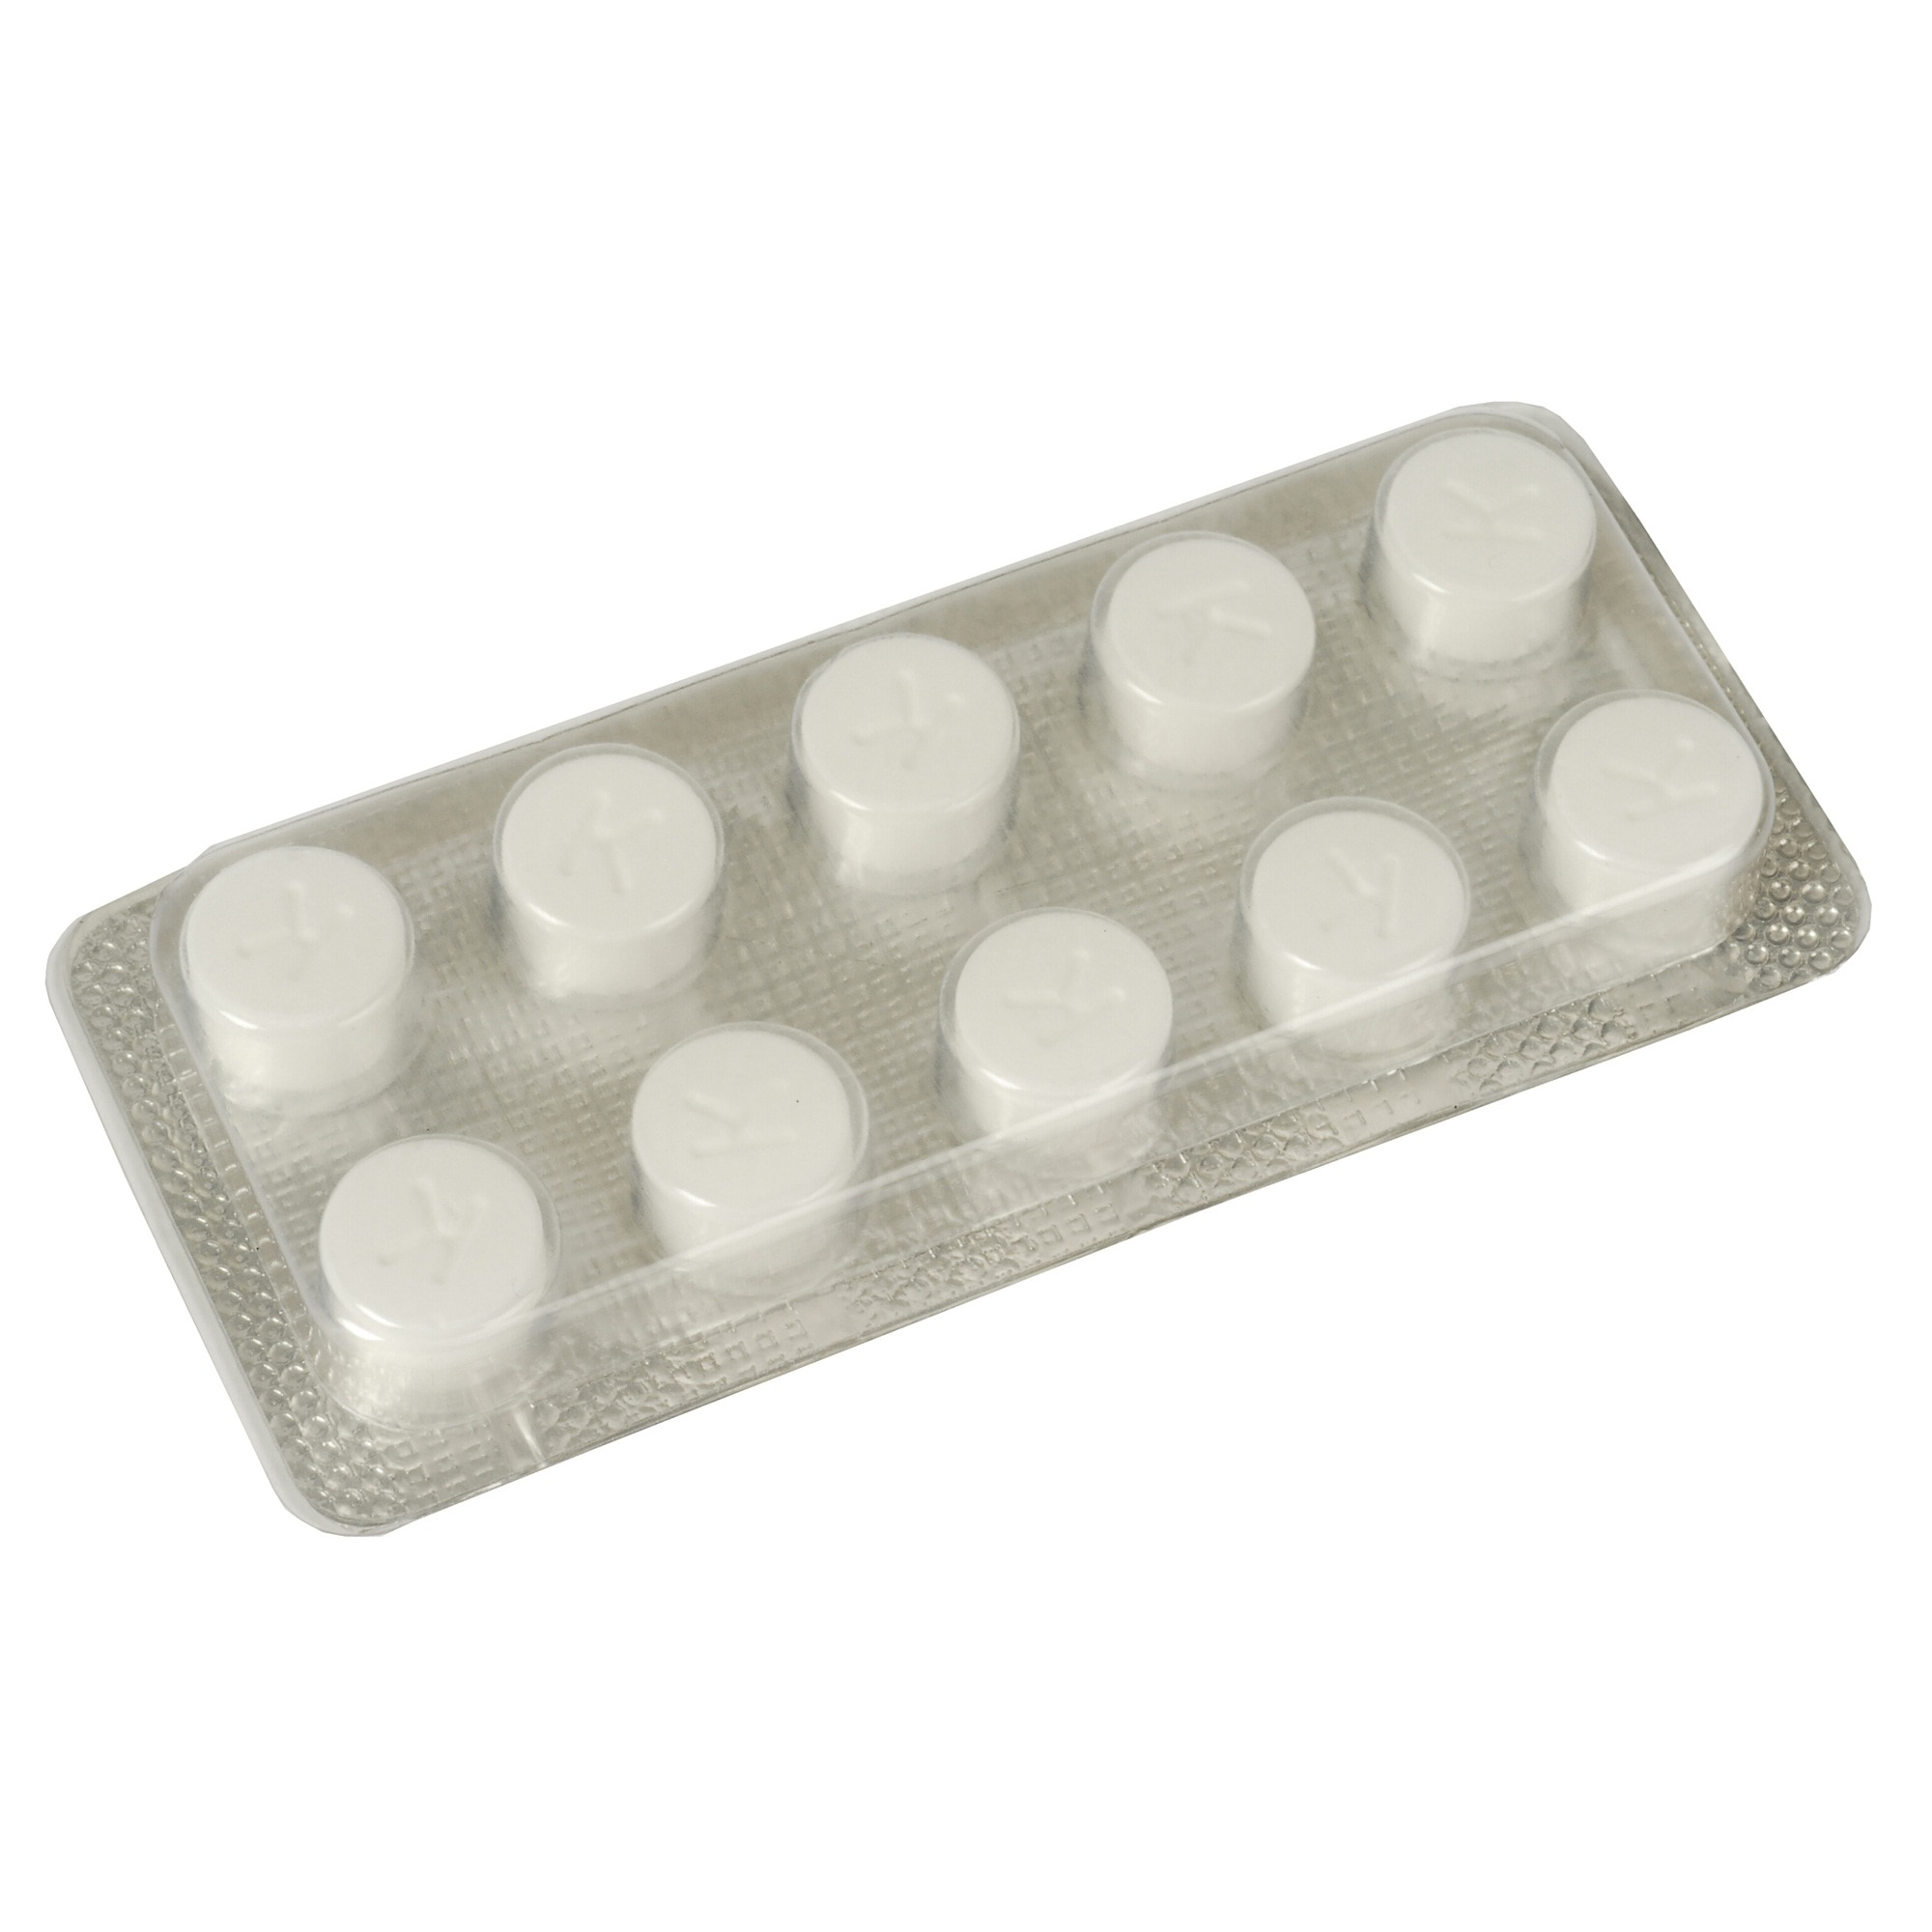 Oro zsírtalanító tabletta kávéfőző gépekbe 10dbcsomag